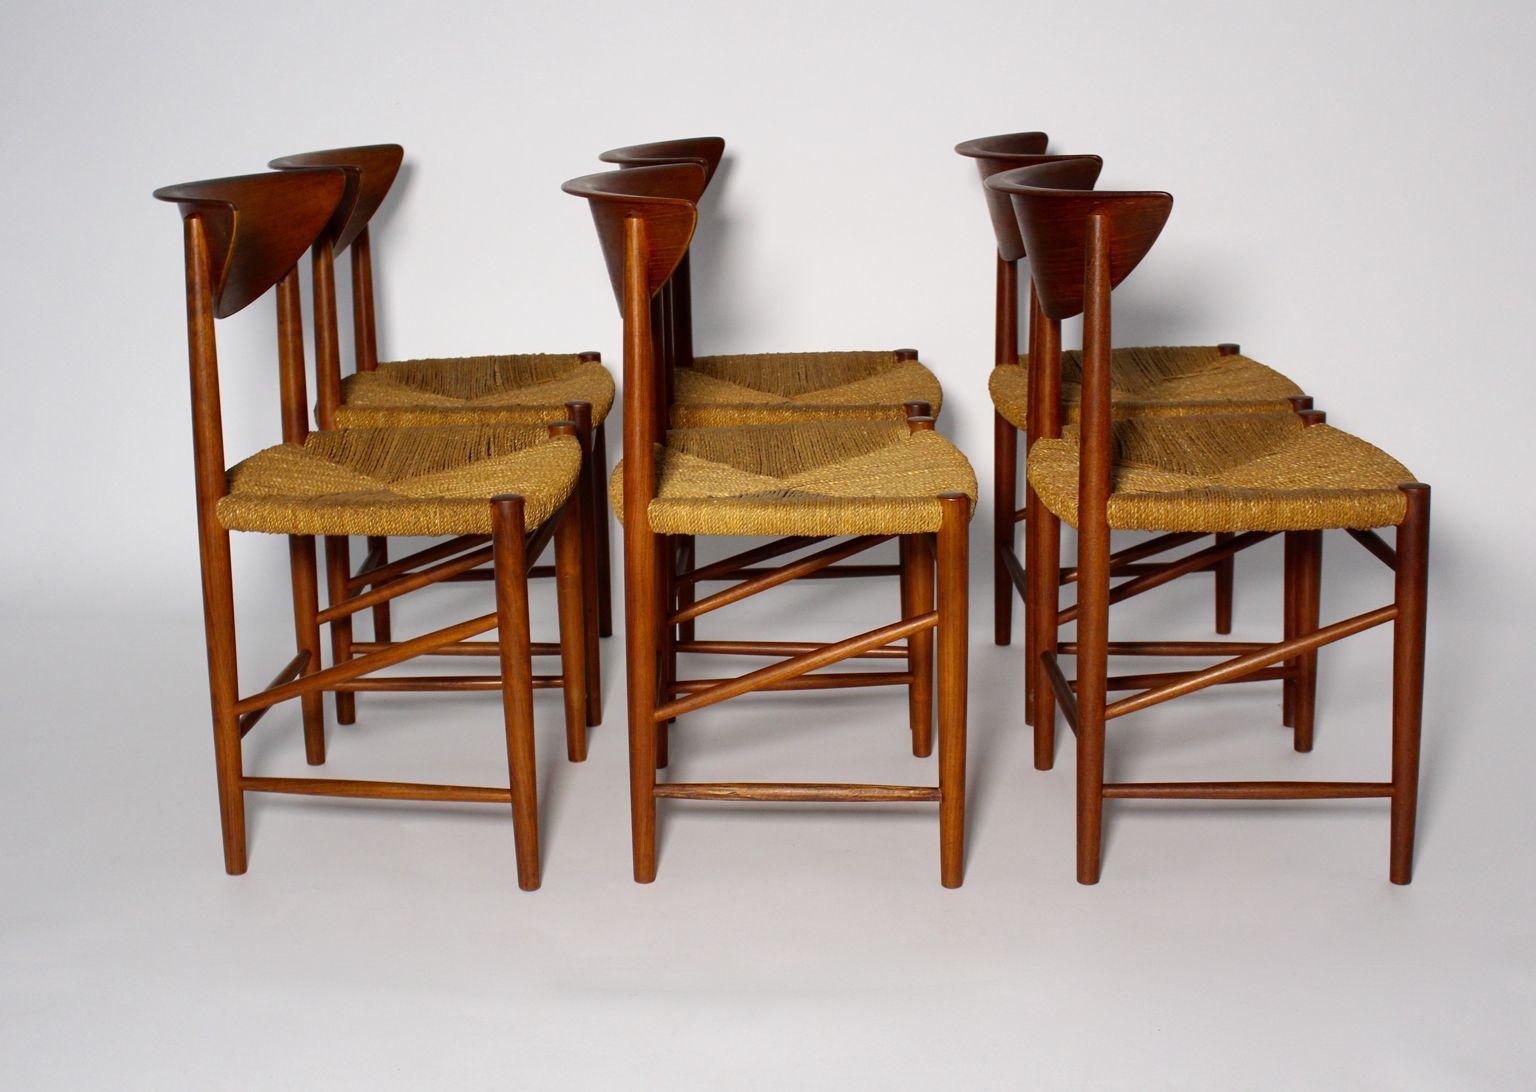 Chairs By Peter Hvidt U0026 Orly Moolgard Nielsen For Søborg Møbelfabrik,  1960s, Set Of 6